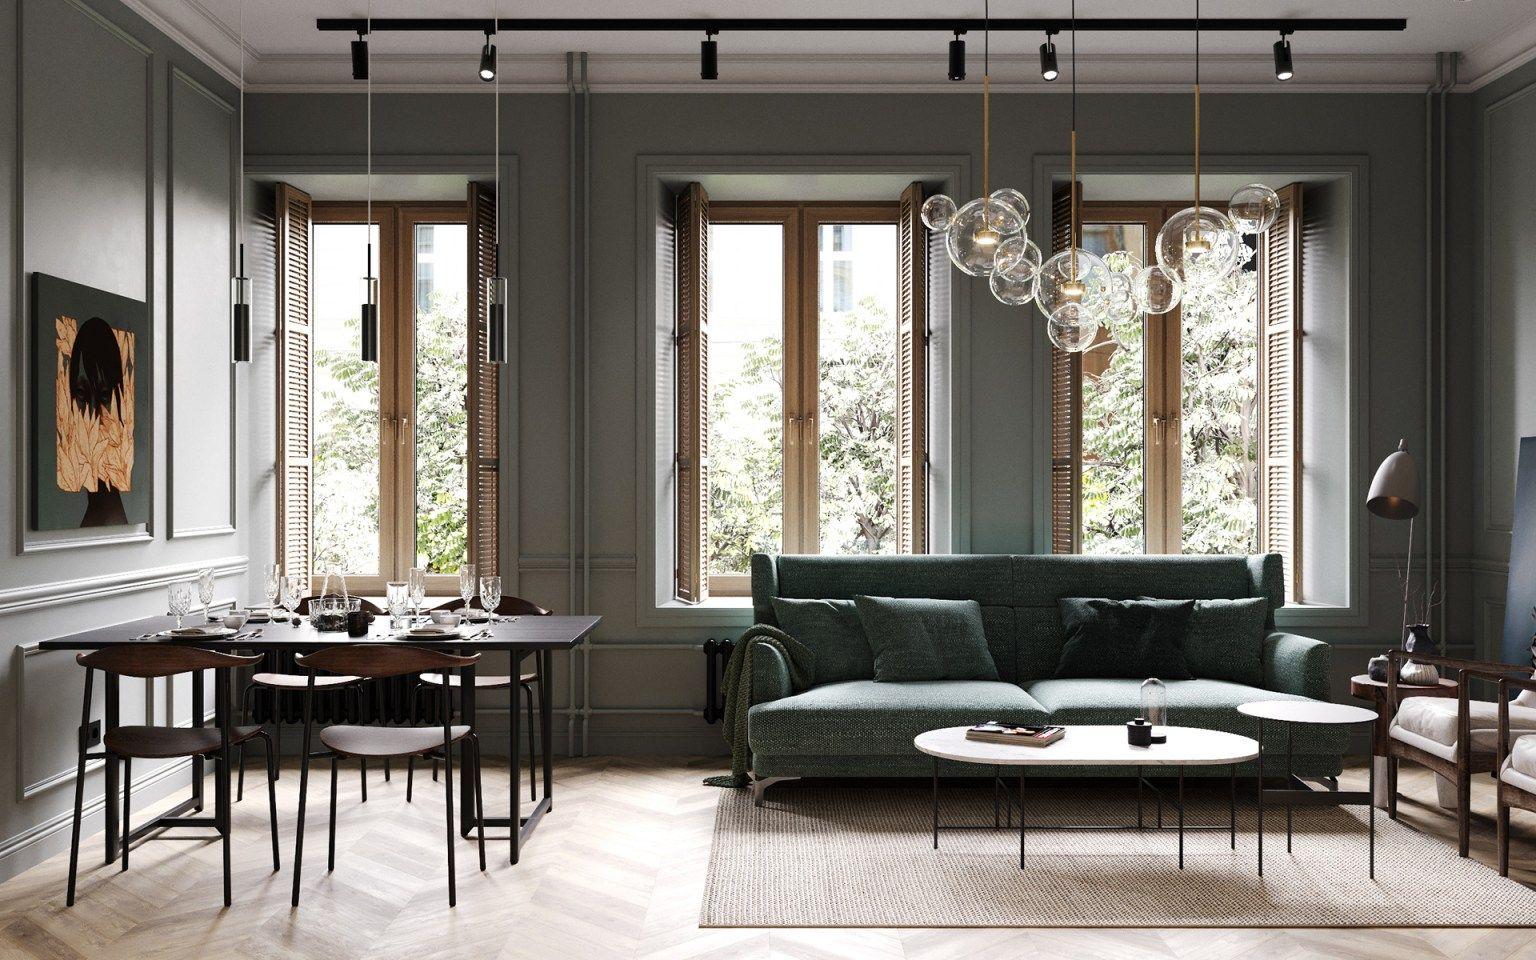 Un appartement classique chic par Cartelle Design  Idee deco